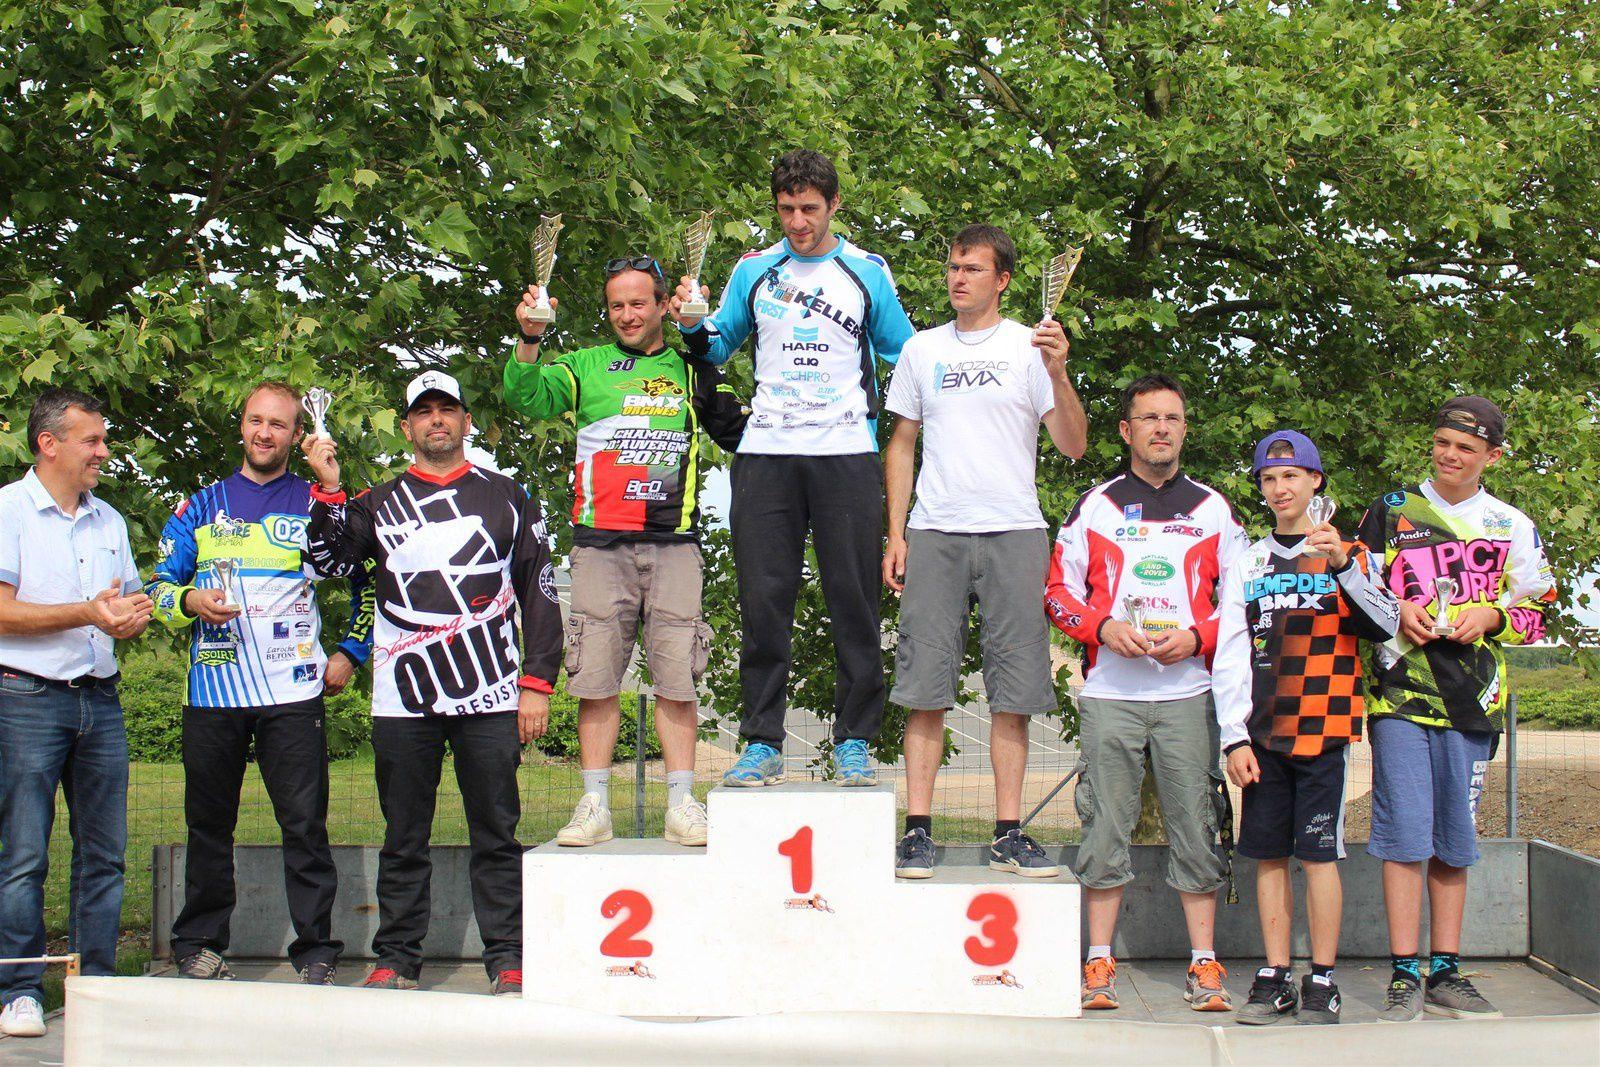 Résultats du championnat d'Auvergne àYzeure